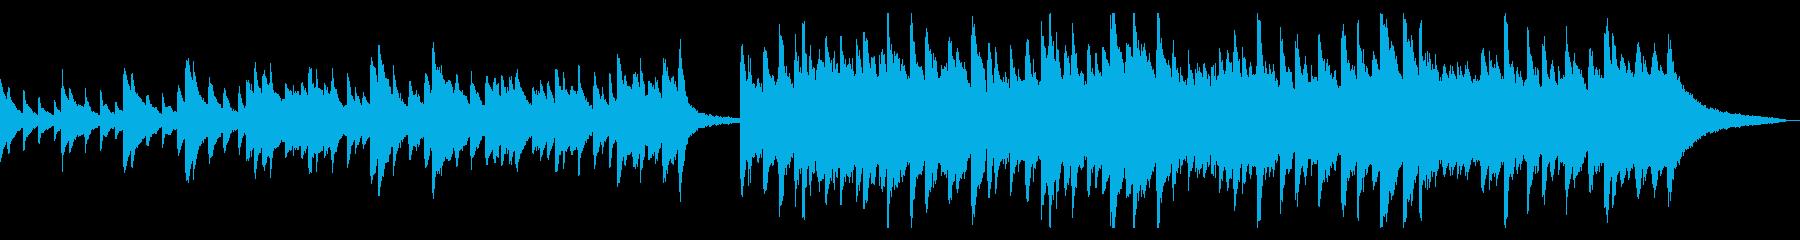 切ないピアノソングの再生済みの波形